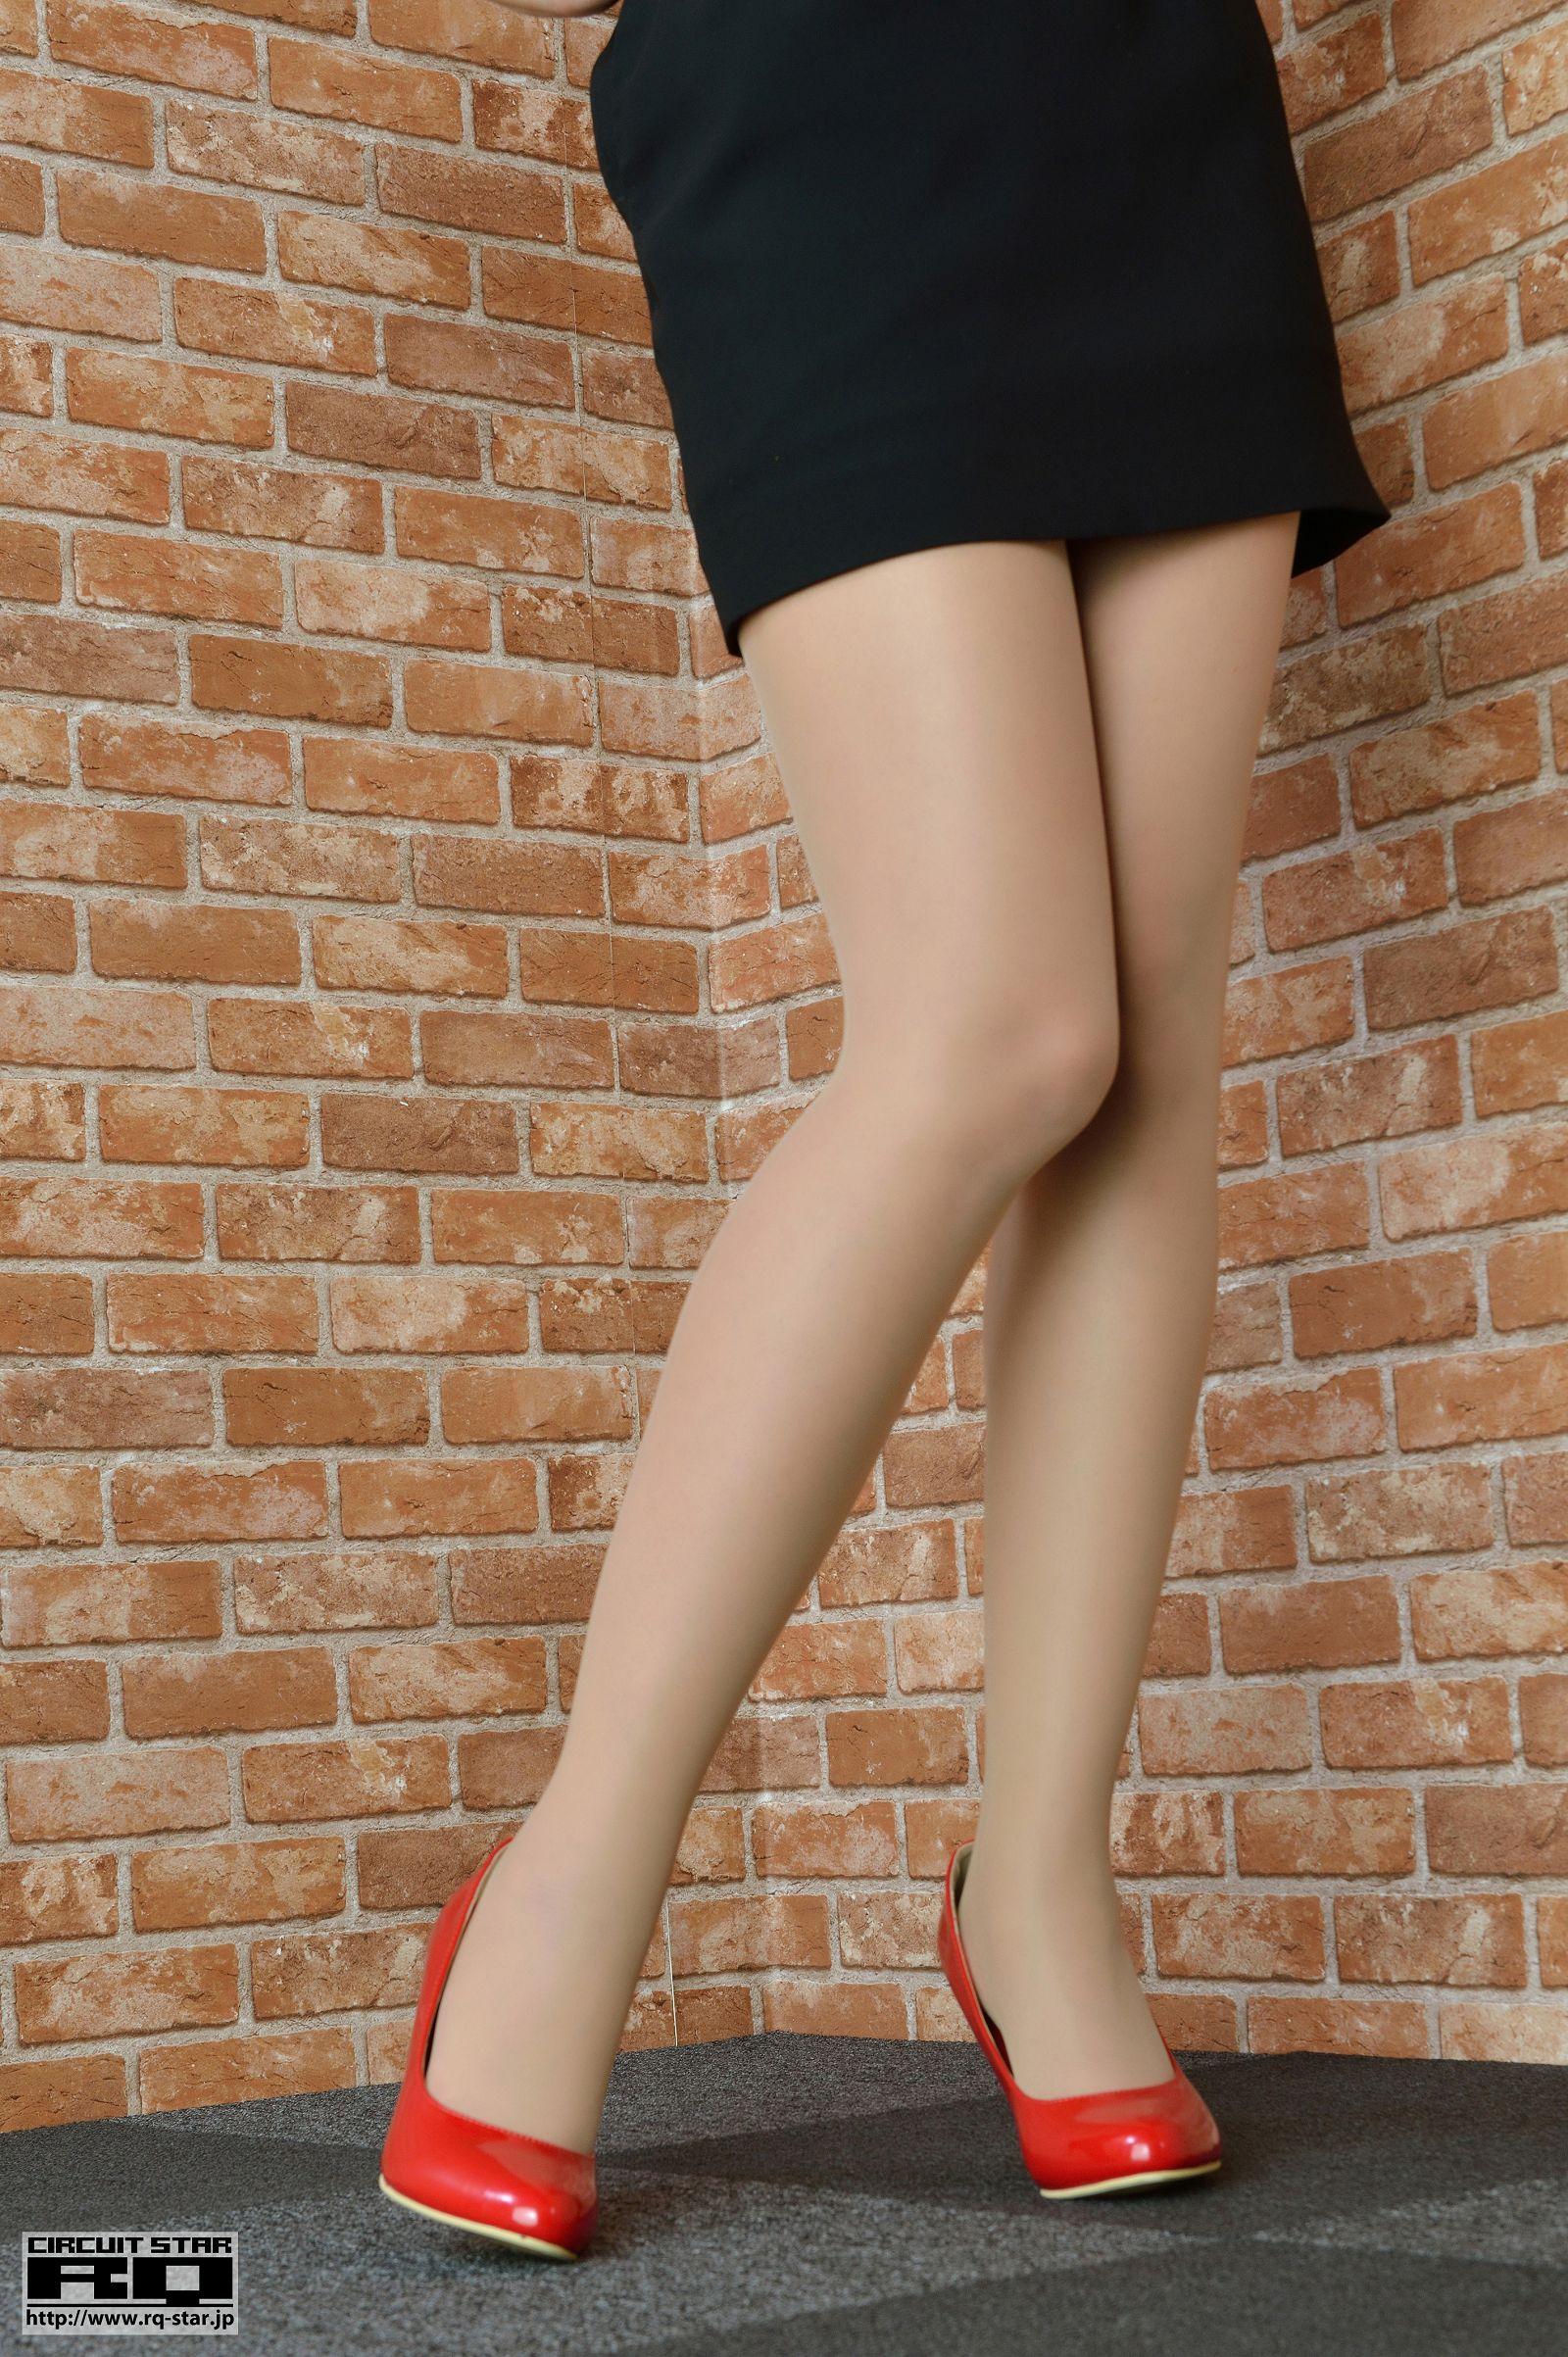 [RQ STAR美女] NO.00708 Mina Aida 會田ミナ Office Lady[80P] RQ STAR 第2张